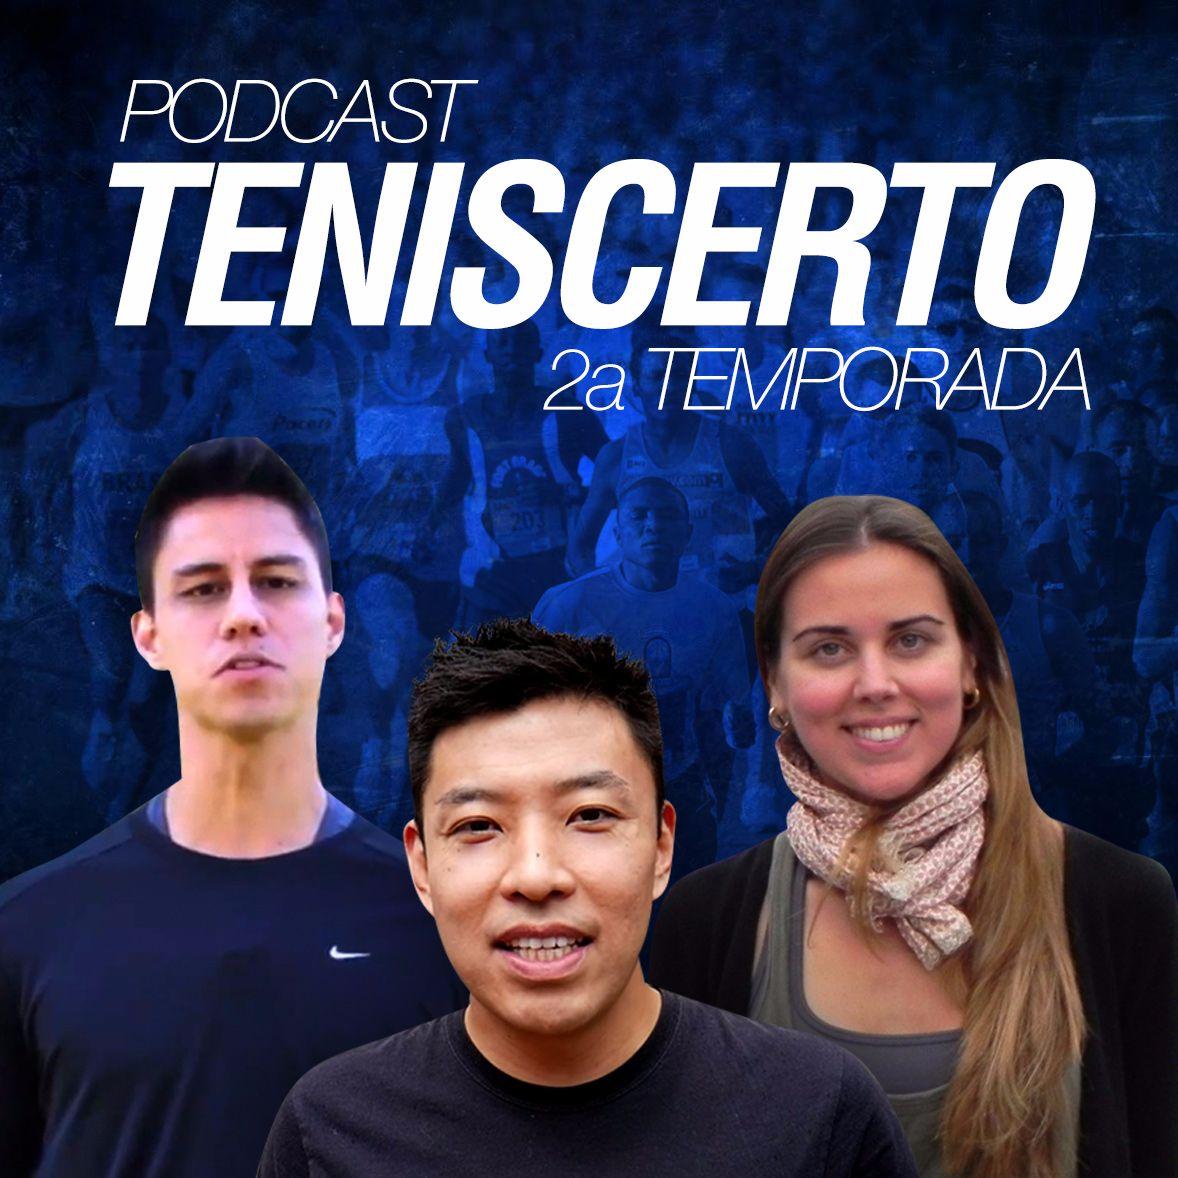 Podcast Tênis Certo: corrida de rua | maratona | entrevistas | treinamento